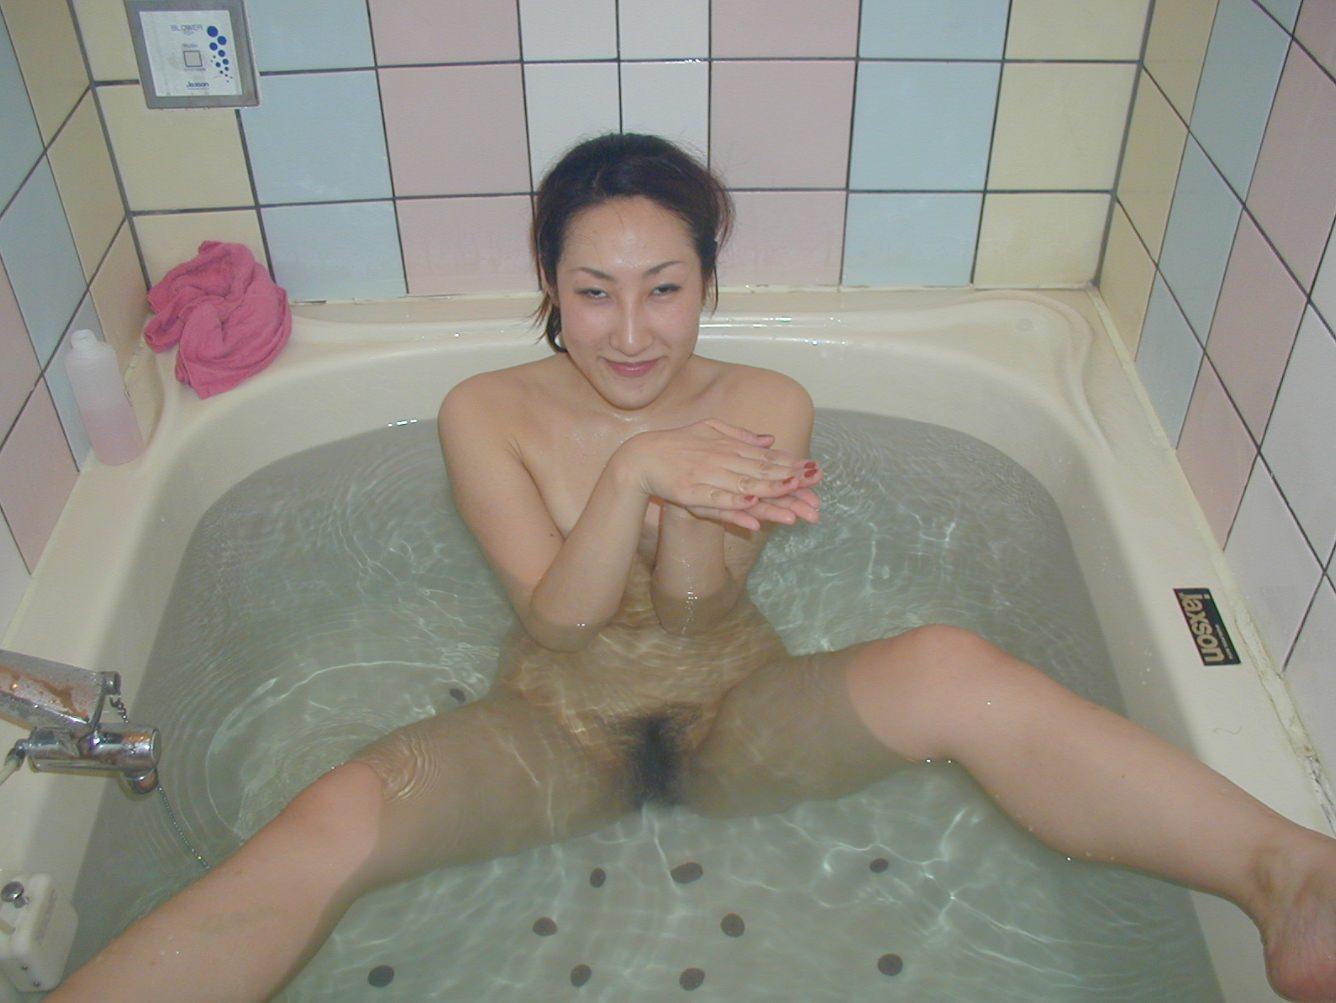 ラブホのお風呂でいちゃつくカップル!!彼女のヌード写メがネット流出www 1765